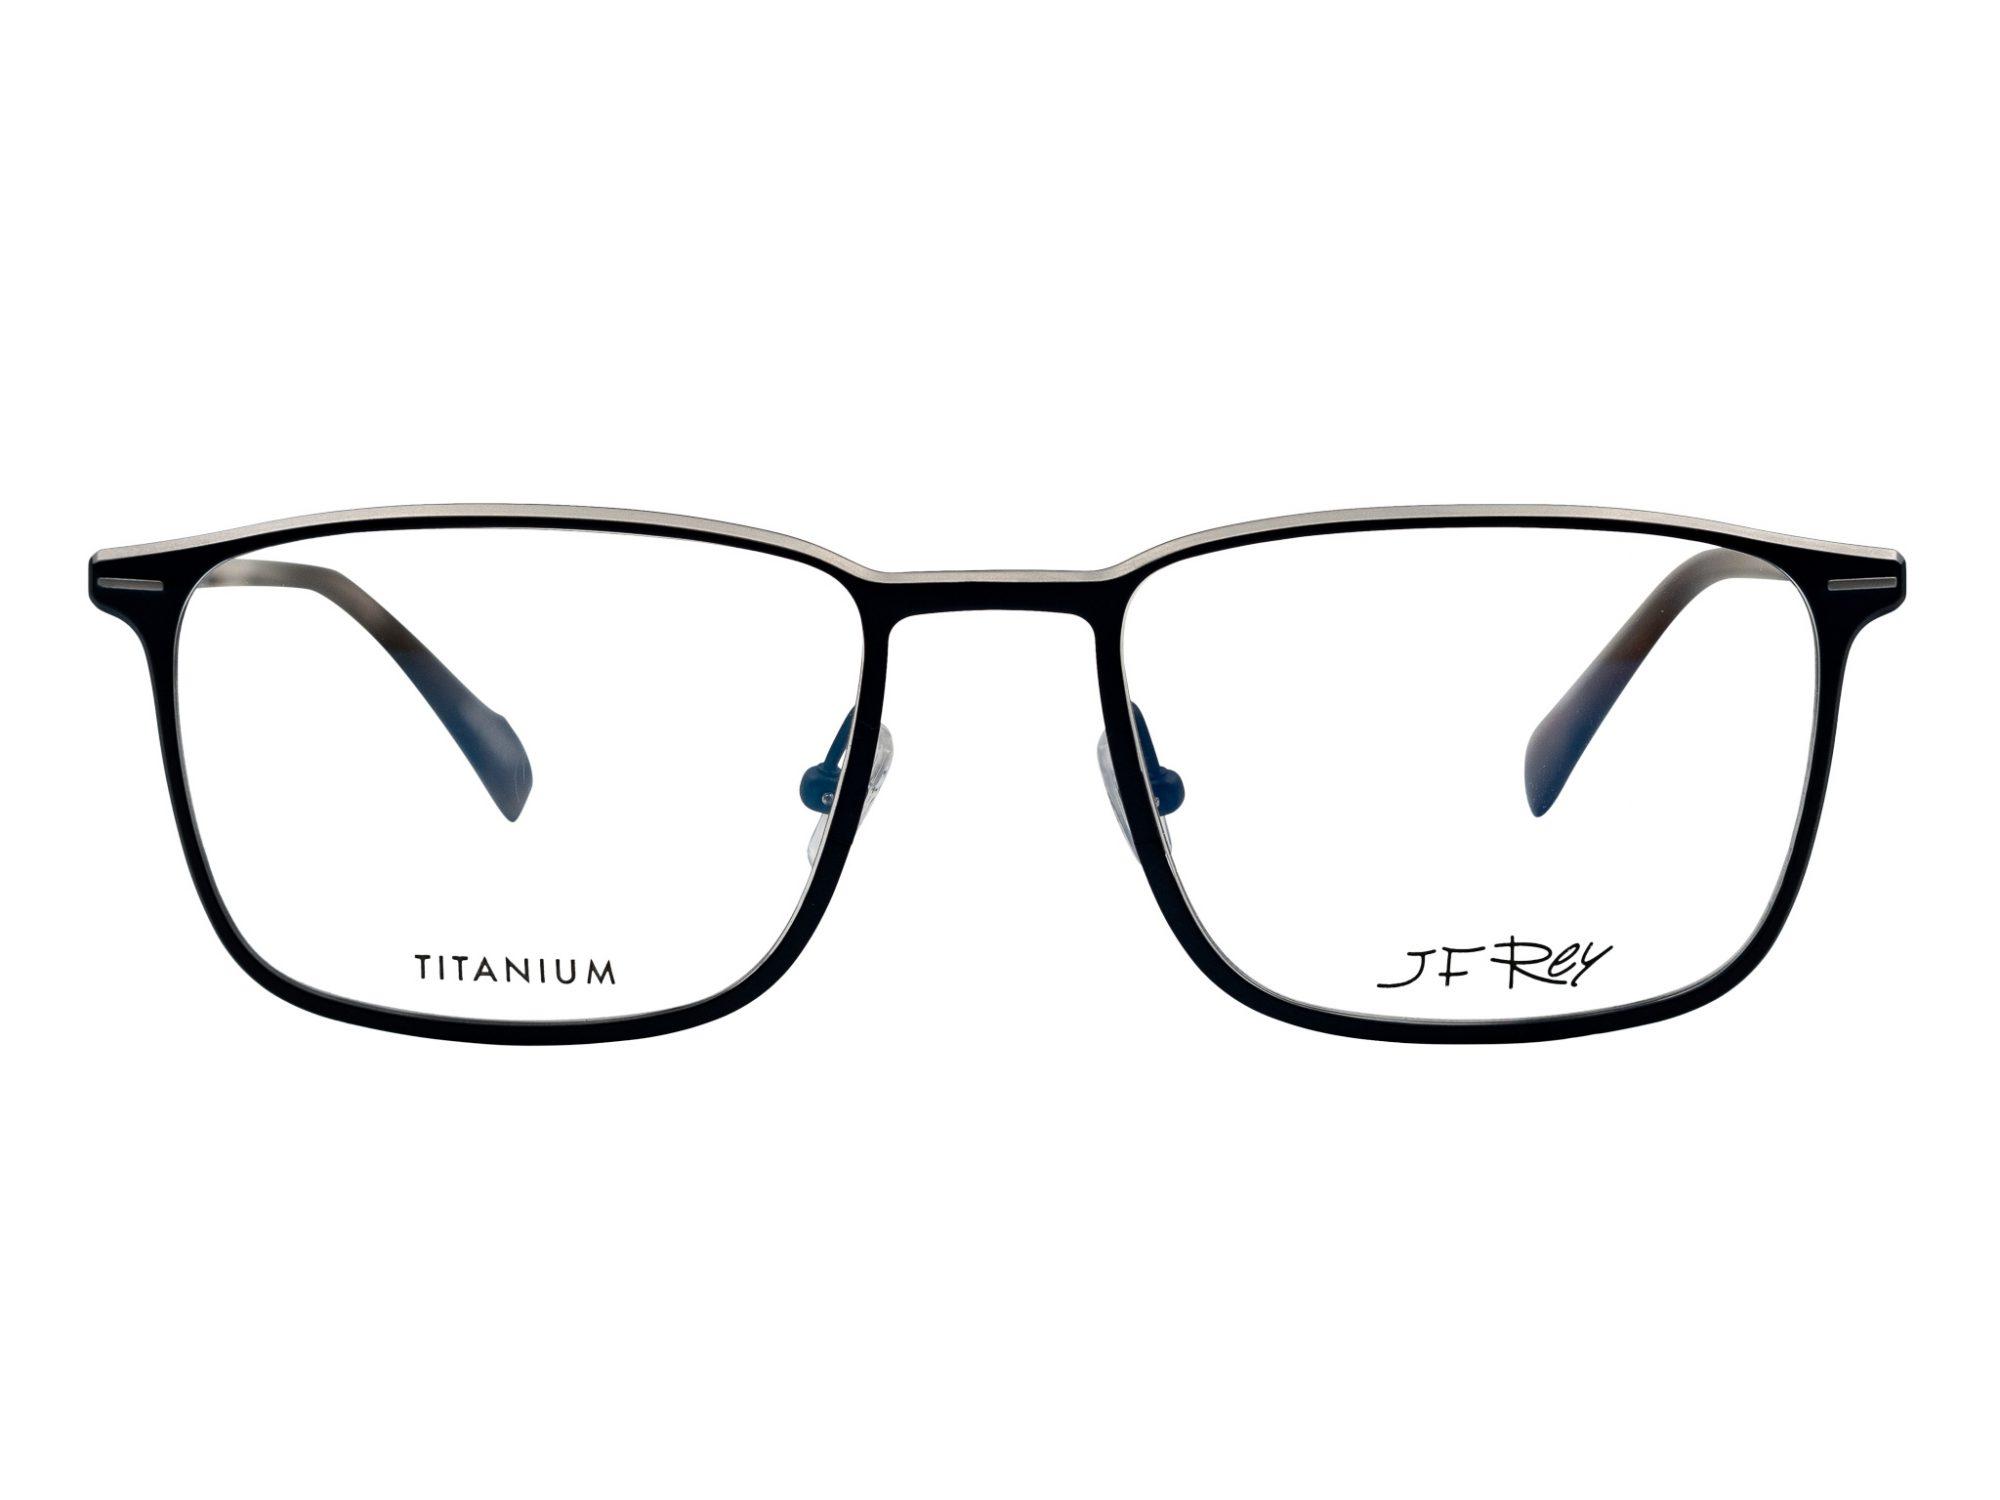 JF Rey JF2927 2510